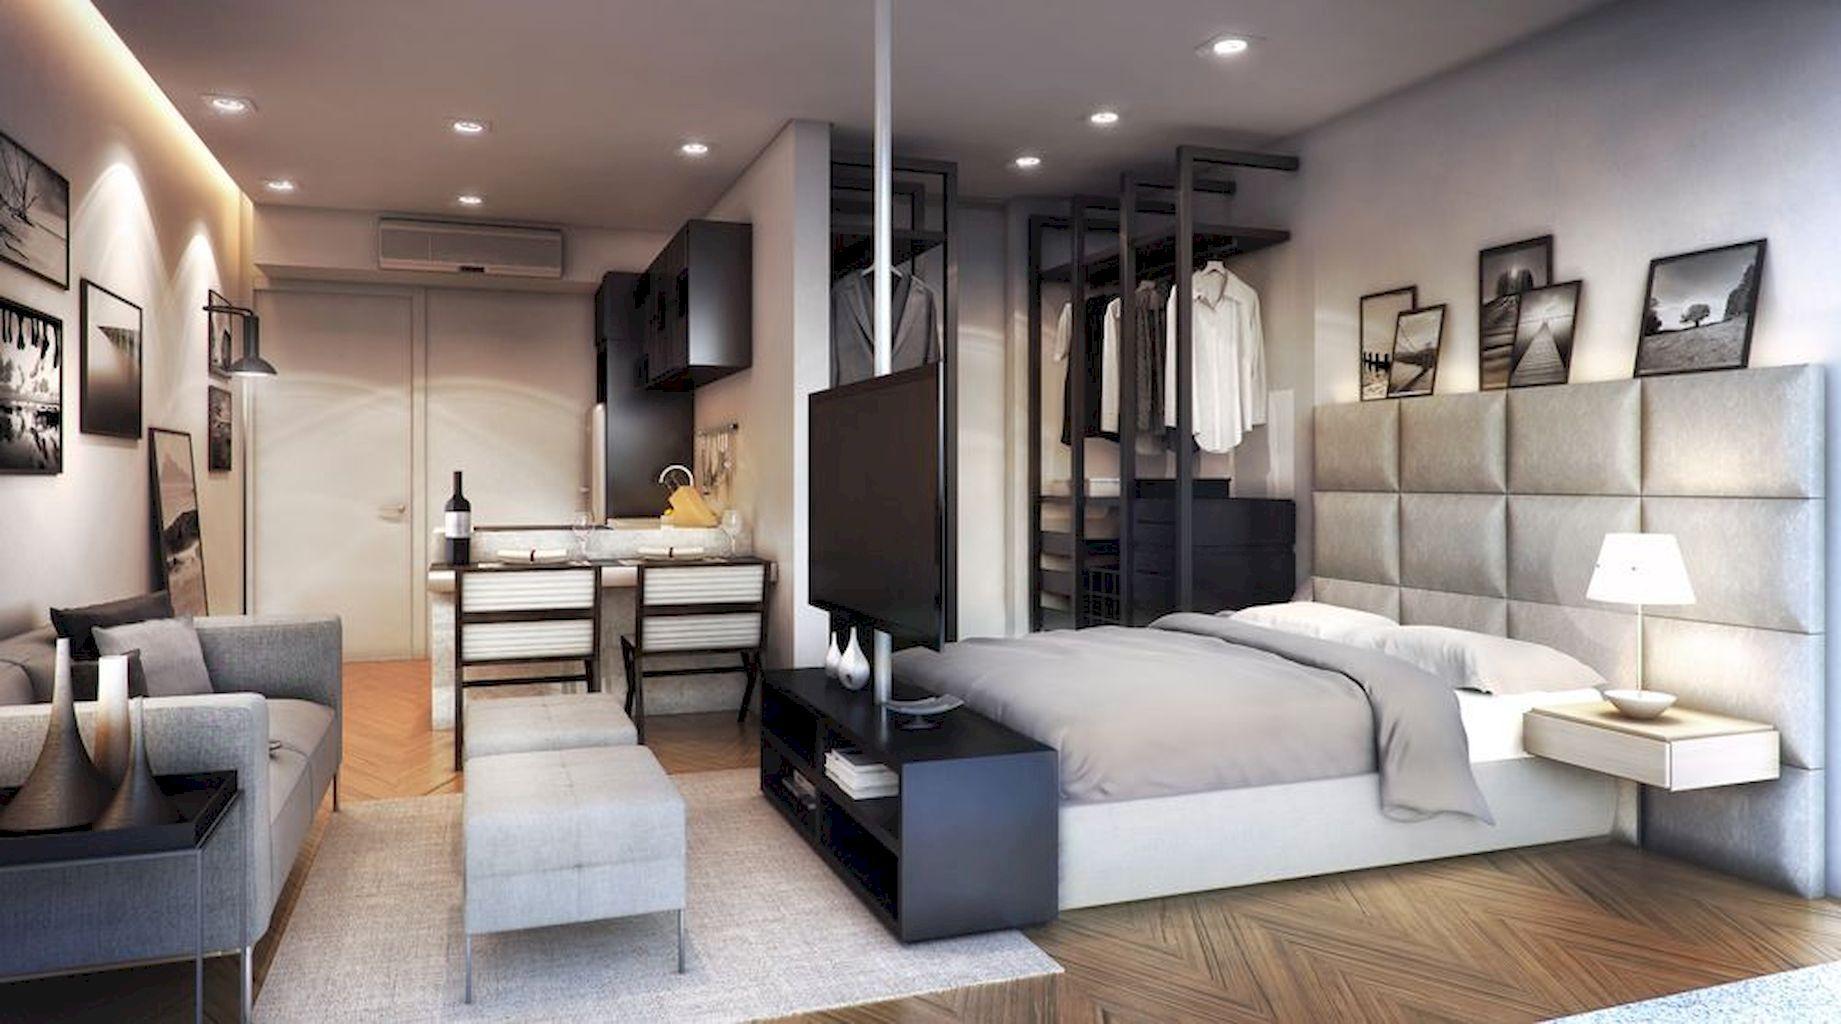 101 Studio Apartment Decorating Design Ideas For Spacious Space images